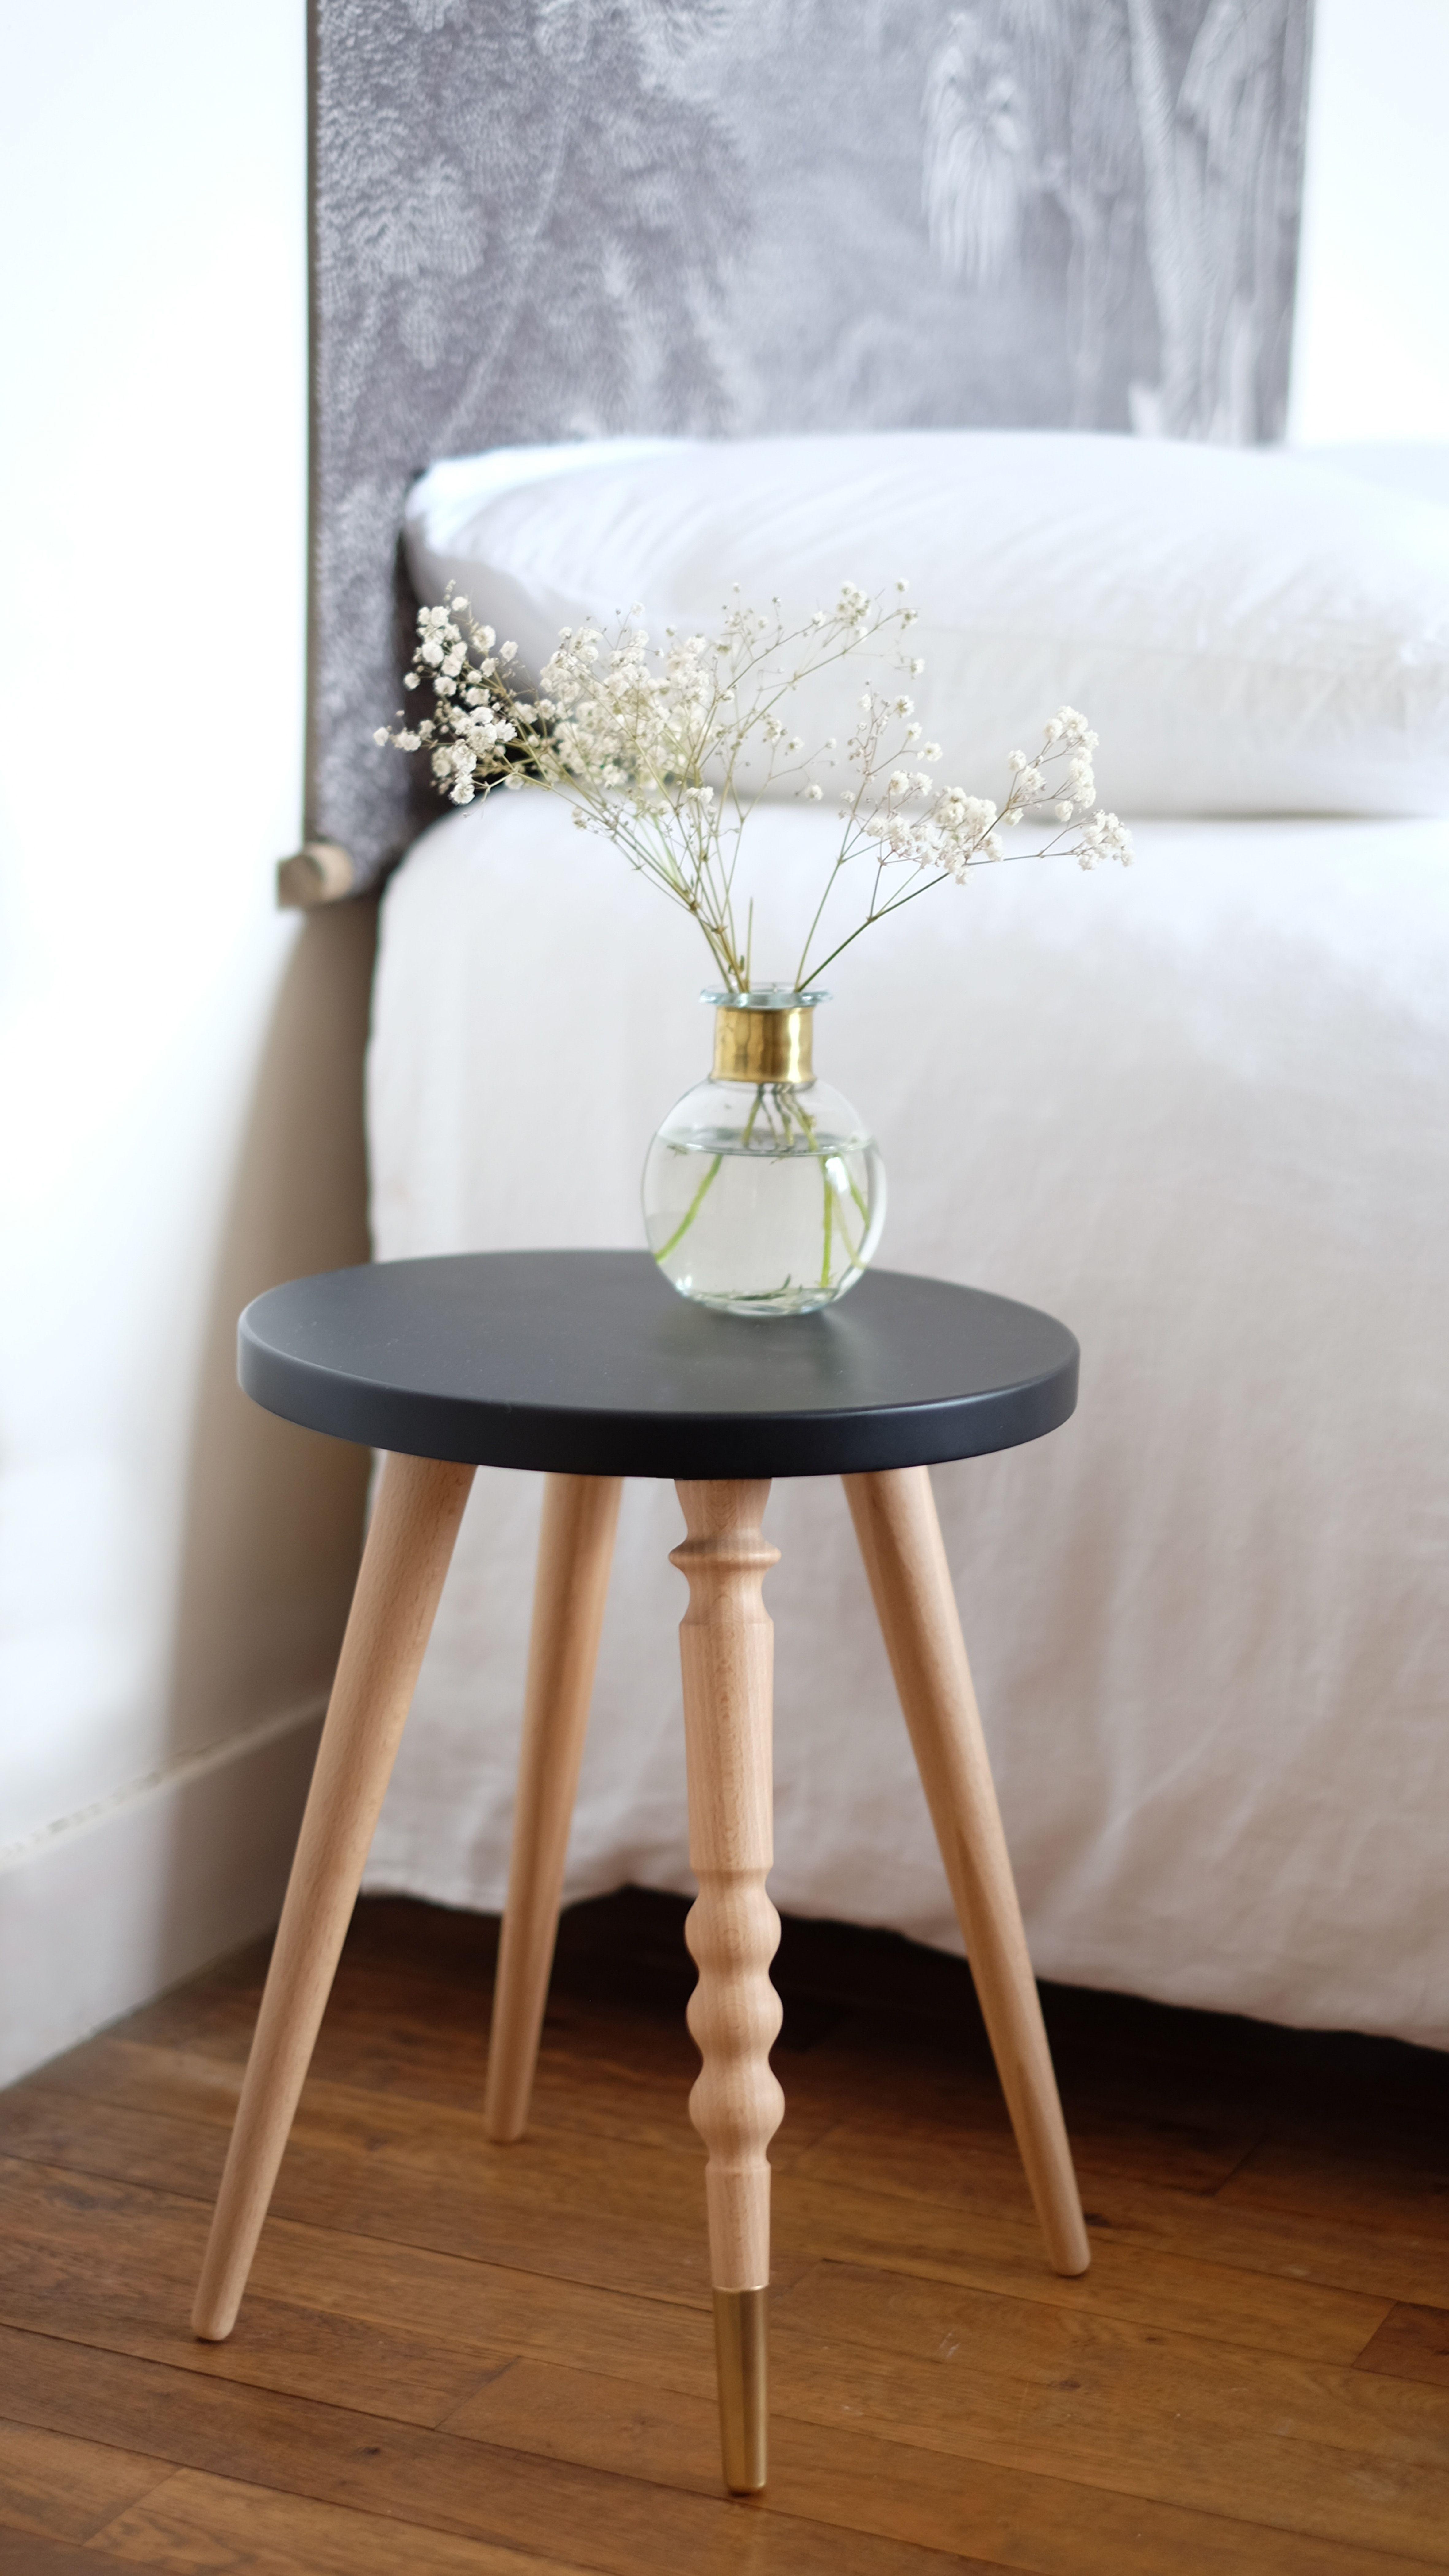 Chambre parentale, décoration avec ce tabouret rond en bois pieds